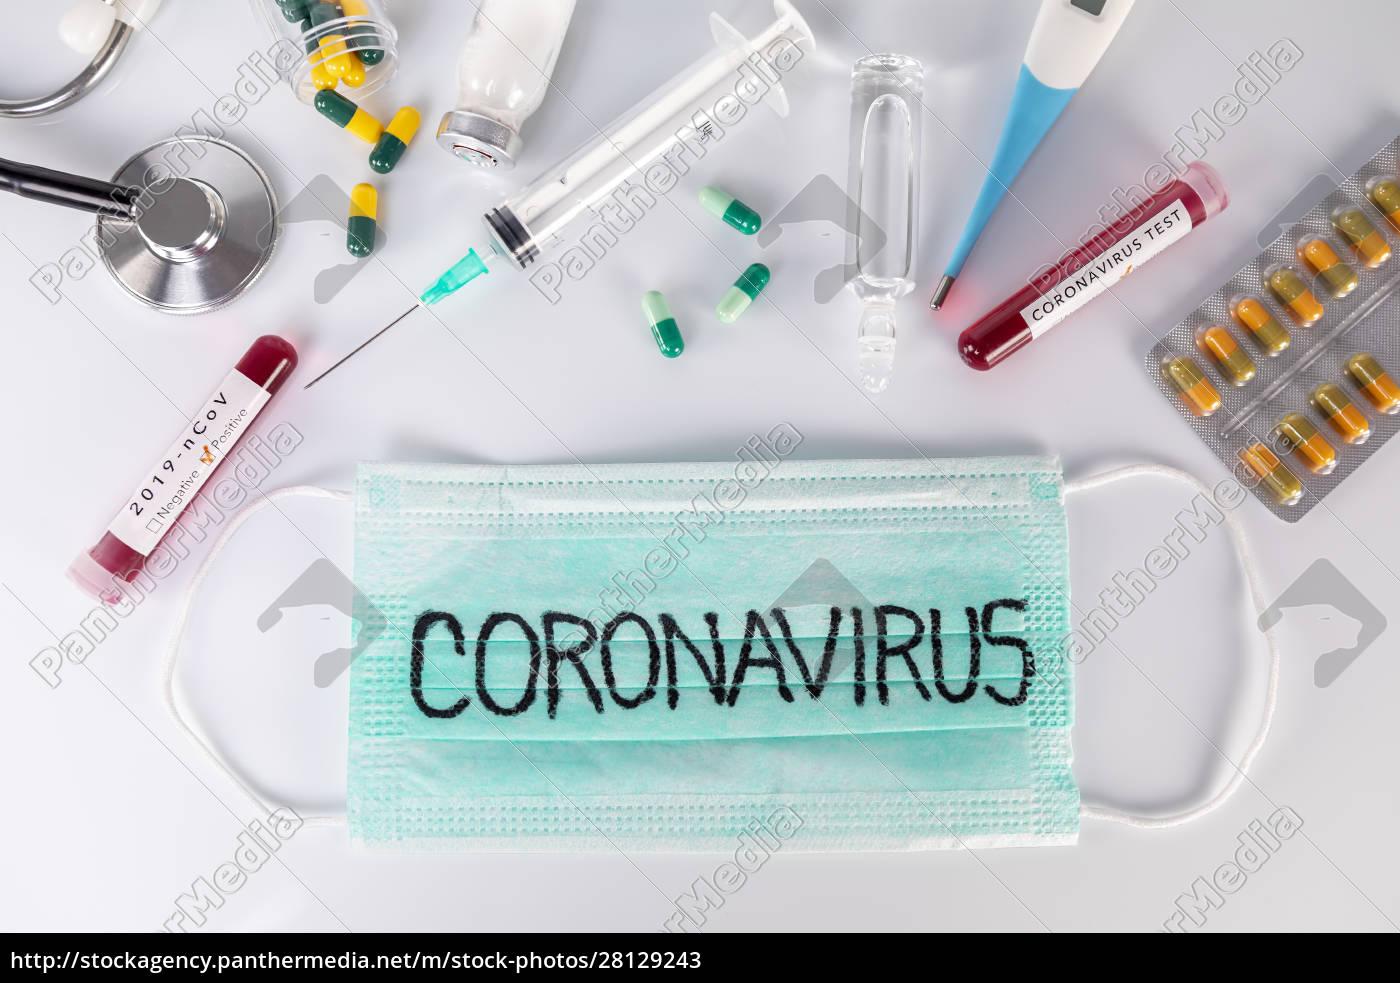 blutageröhre, mit, der, coronavirus-krankheit, für, virentest - 28129243